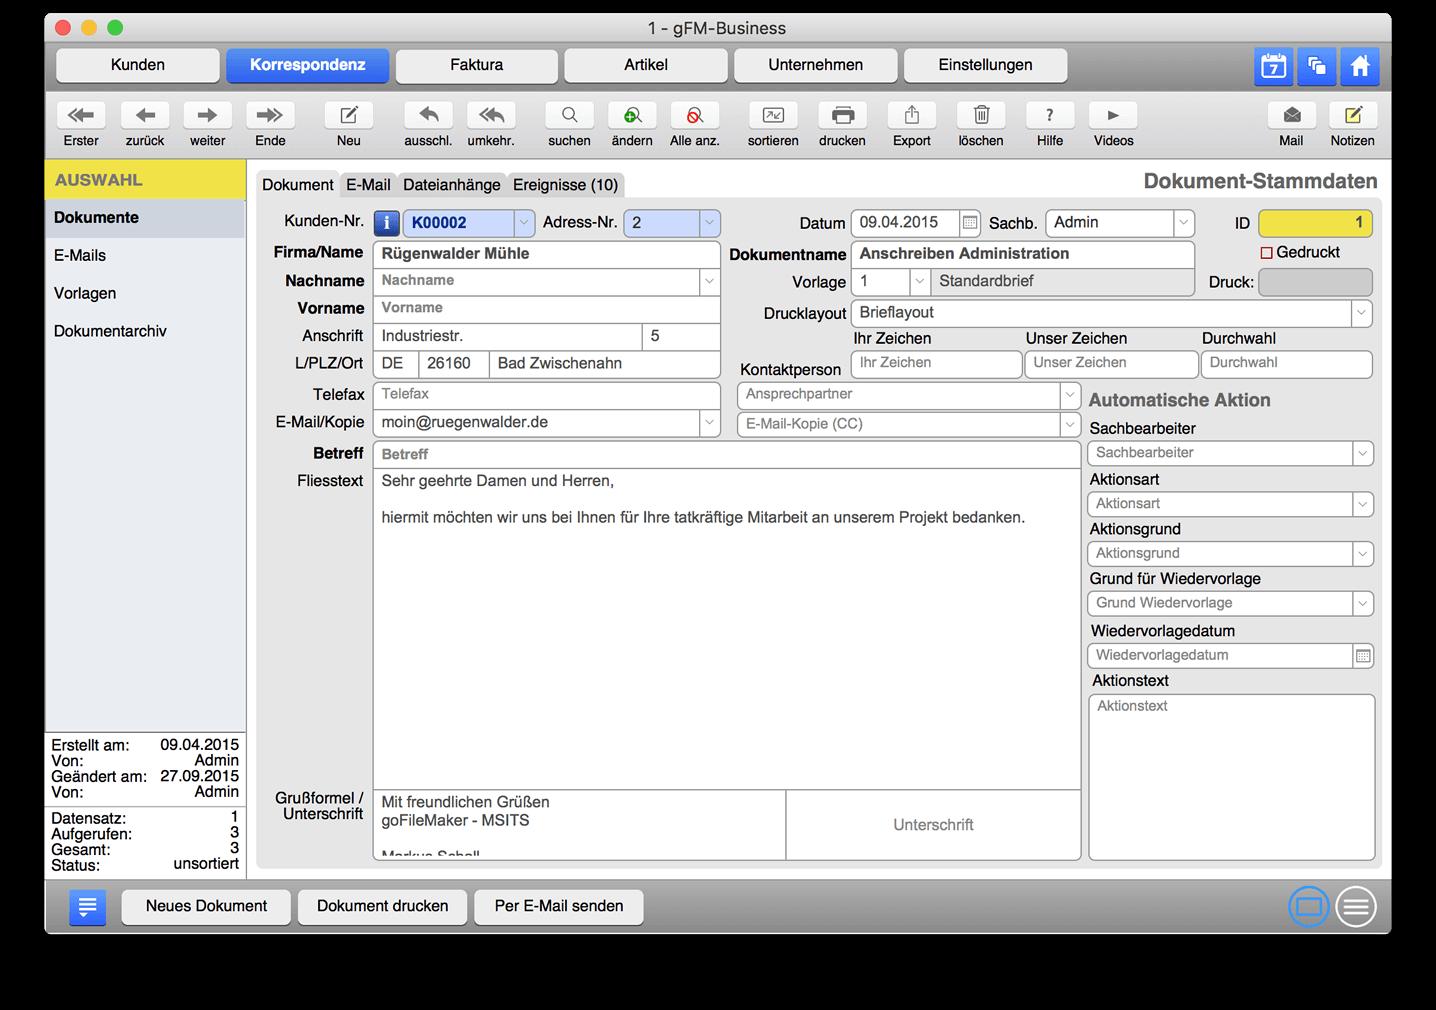 Dokumentmanagement - E-Mails und Korrespondenz